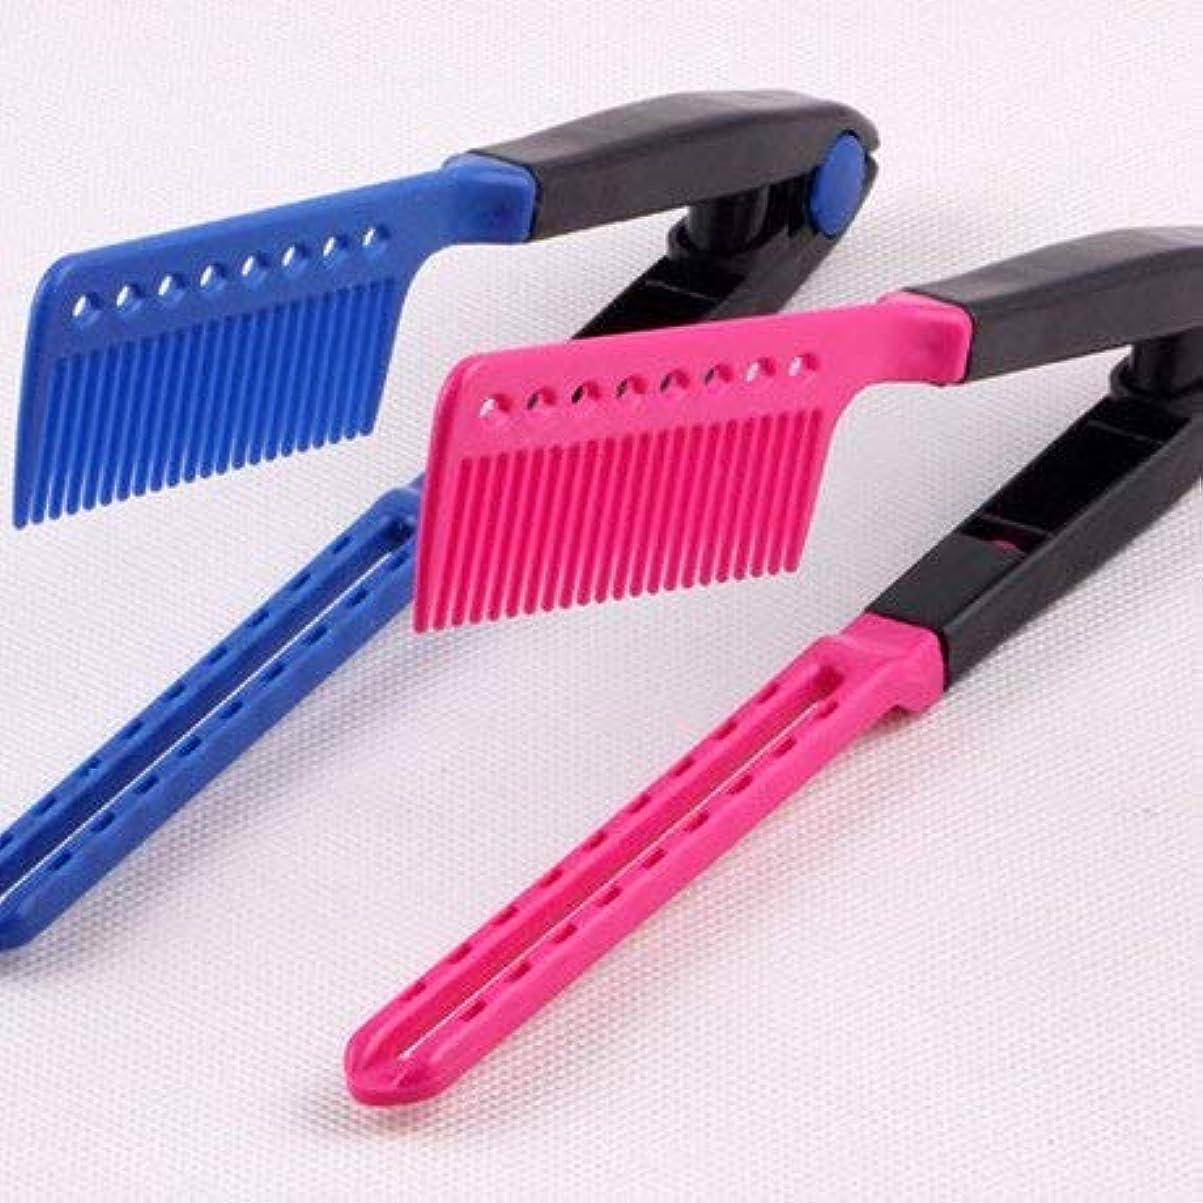 活性化するスポーツをする陰気Hair Straightening Comb, Haircut Anti-static V Shape Comb Clip Clamp Hairdressing Styling Tools(Rose_Red) [並行輸入品]